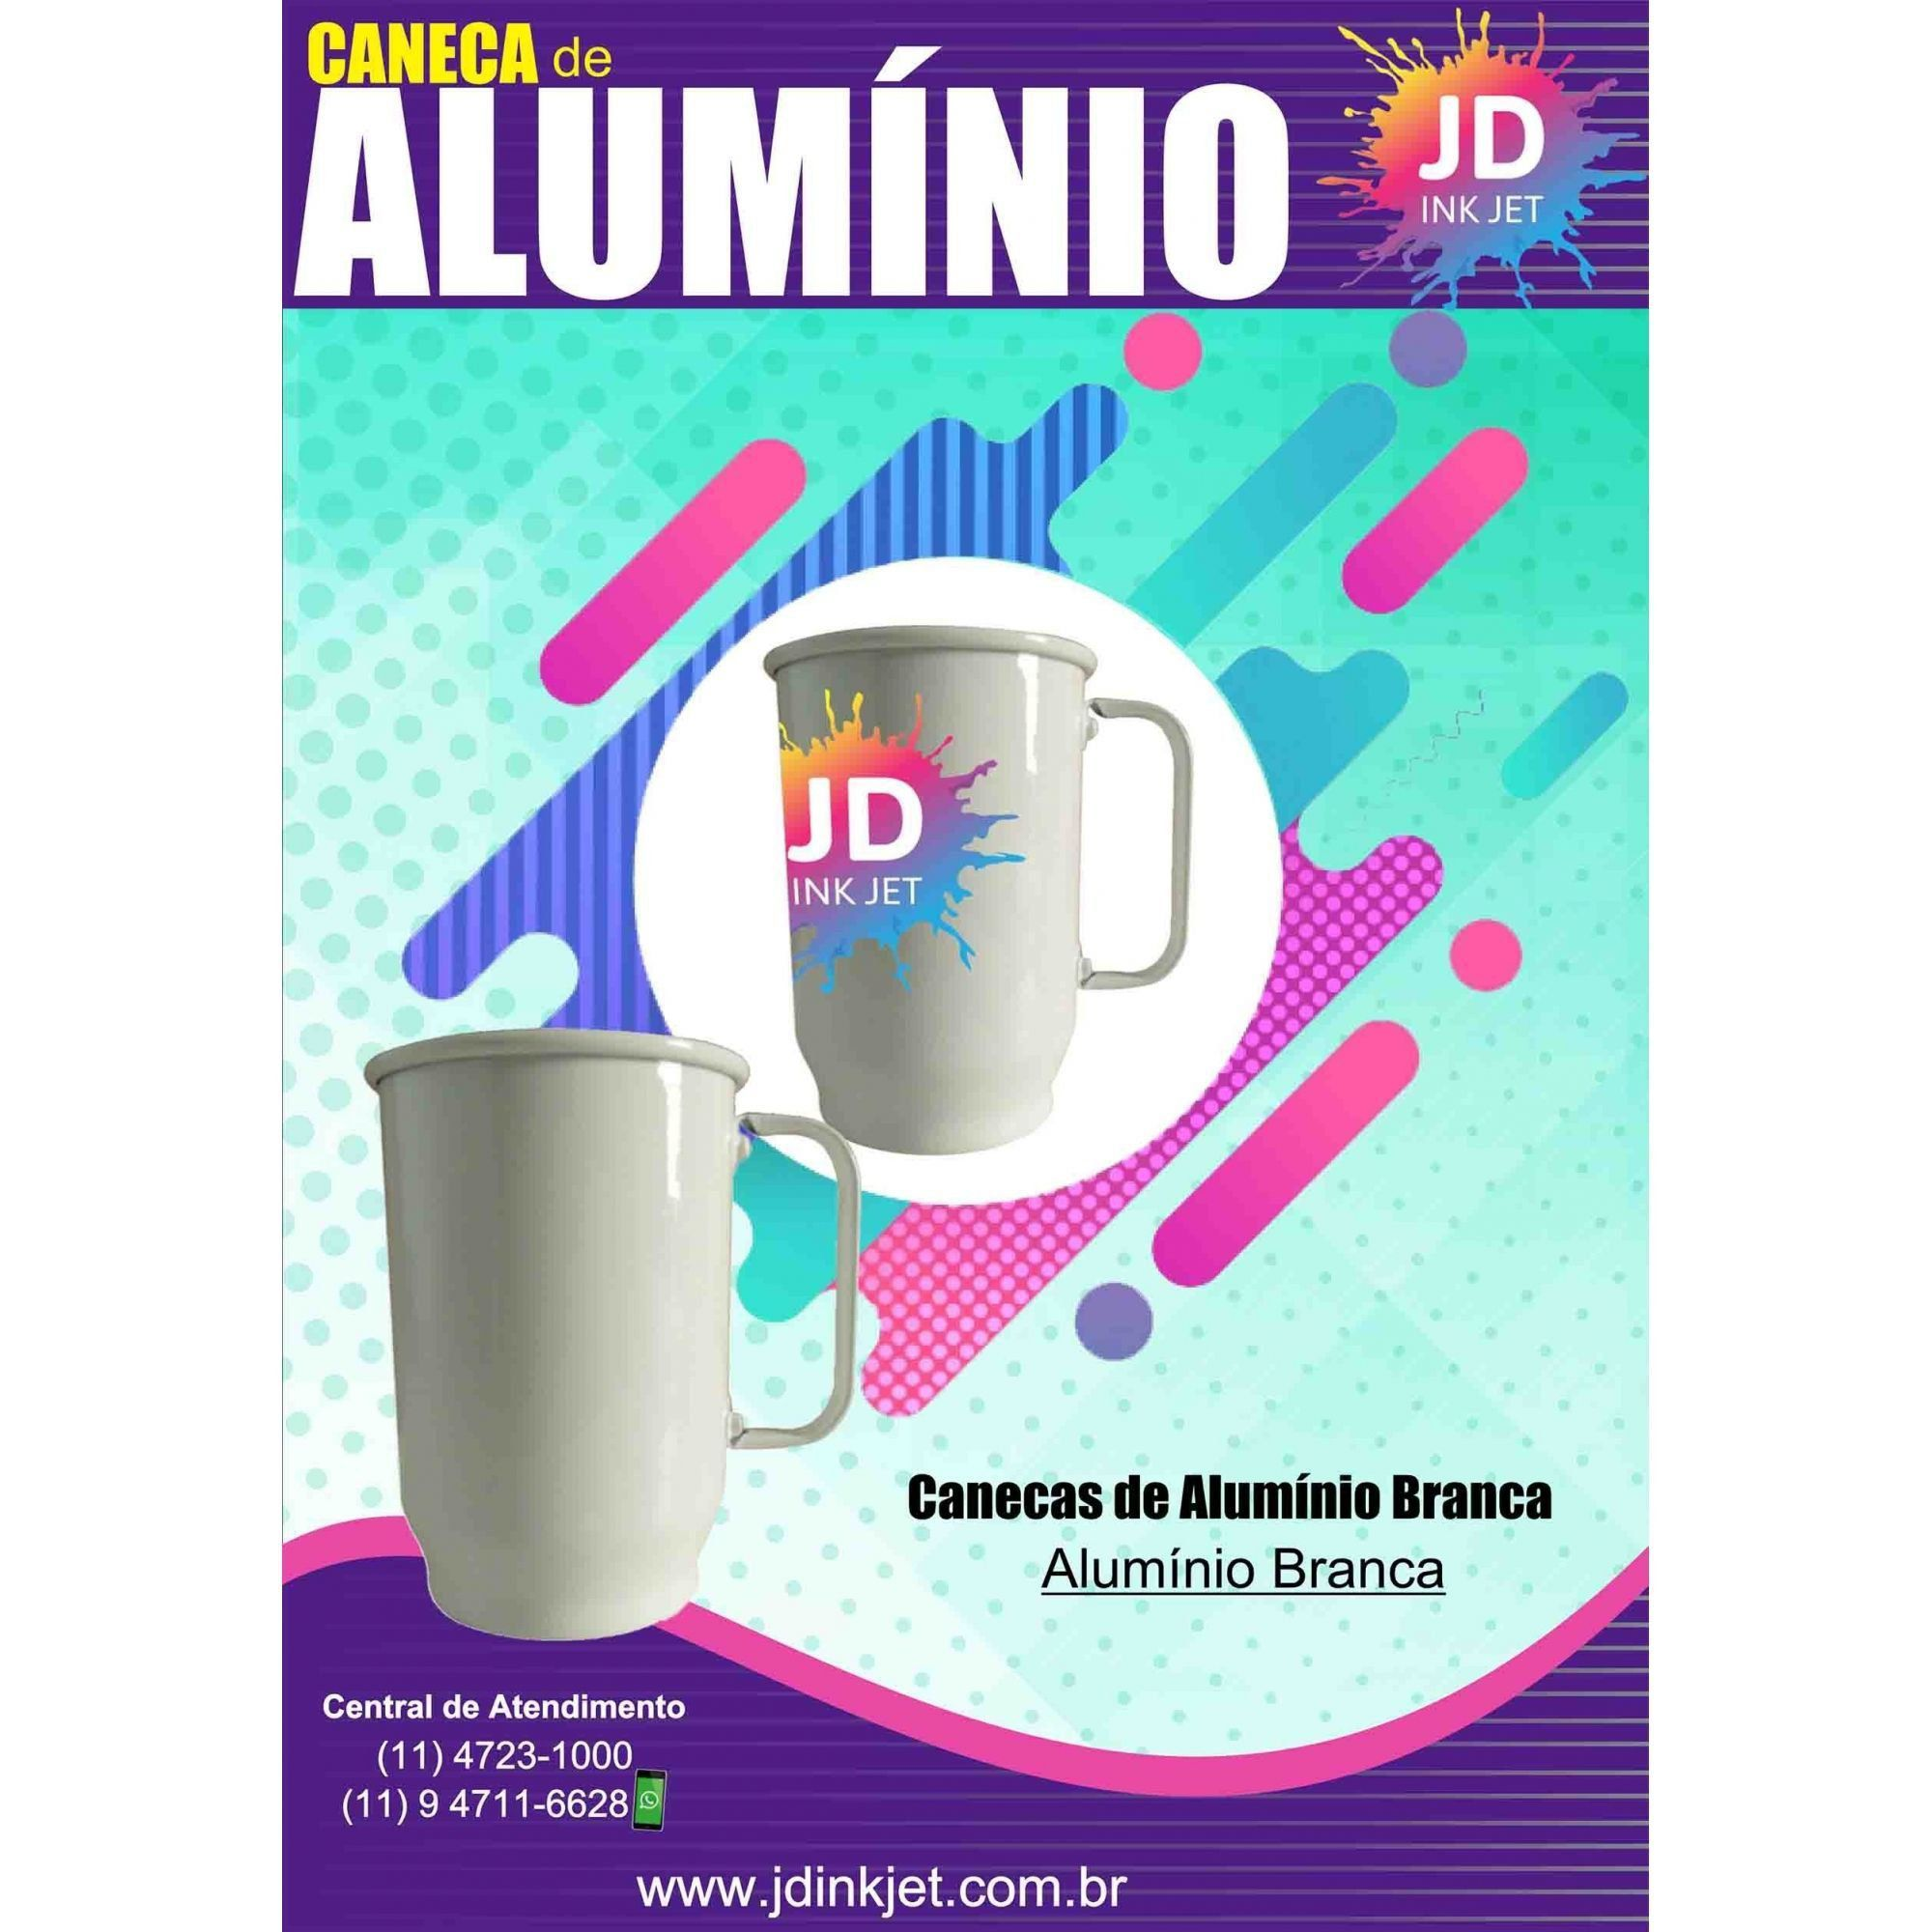 Caneca P/ Sublimação -  Aluminio 400ml Branca